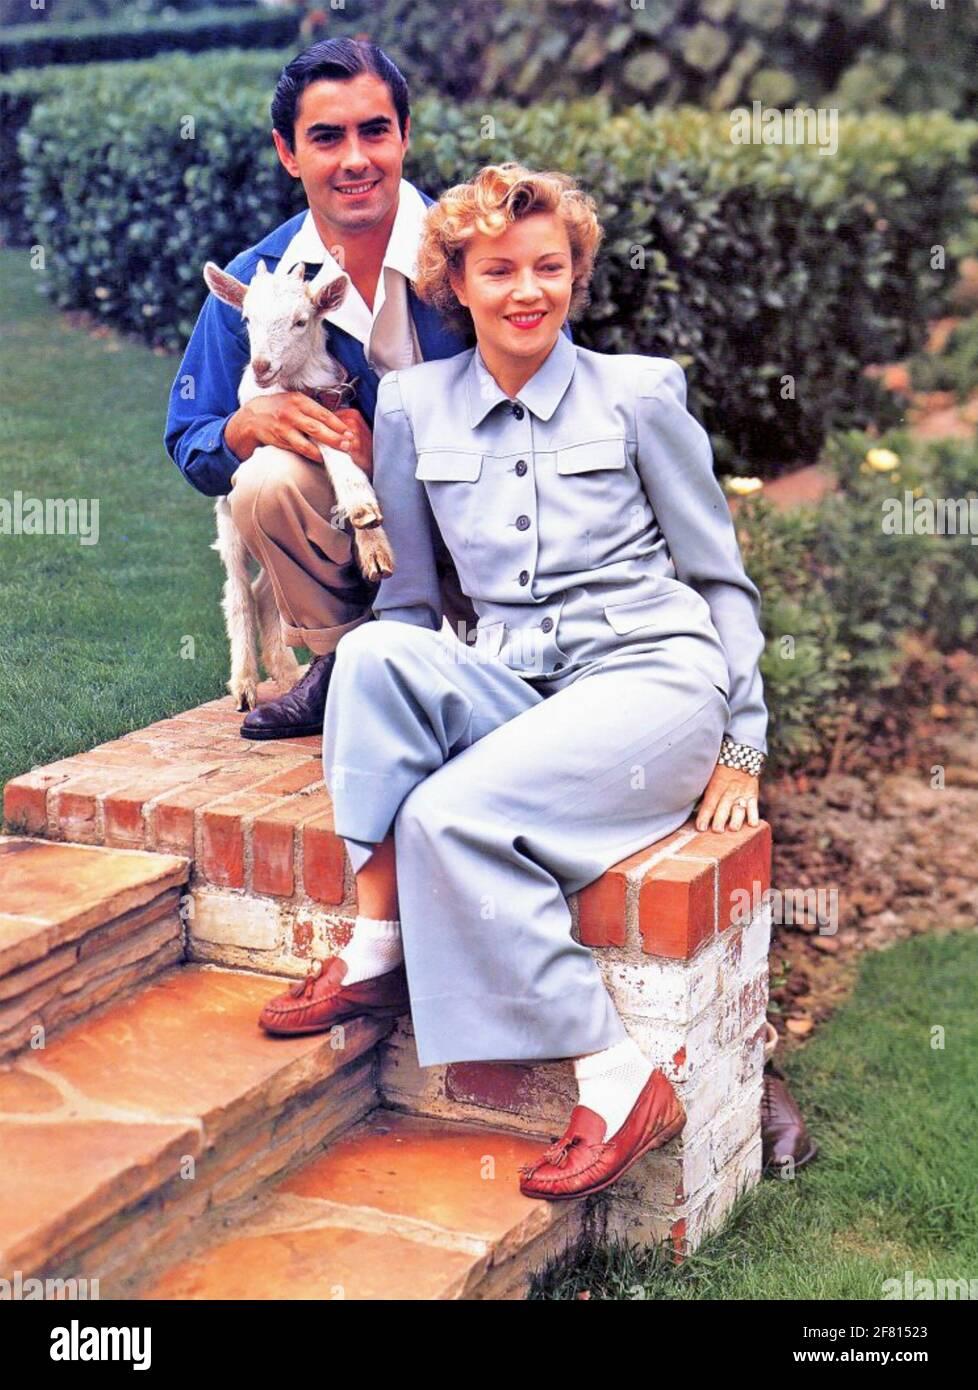 TYRONE POWER (1914-1958) amerikanischer Filmschauspieler mit seiner ersten Frau Annabella um 1945 Stockfoto